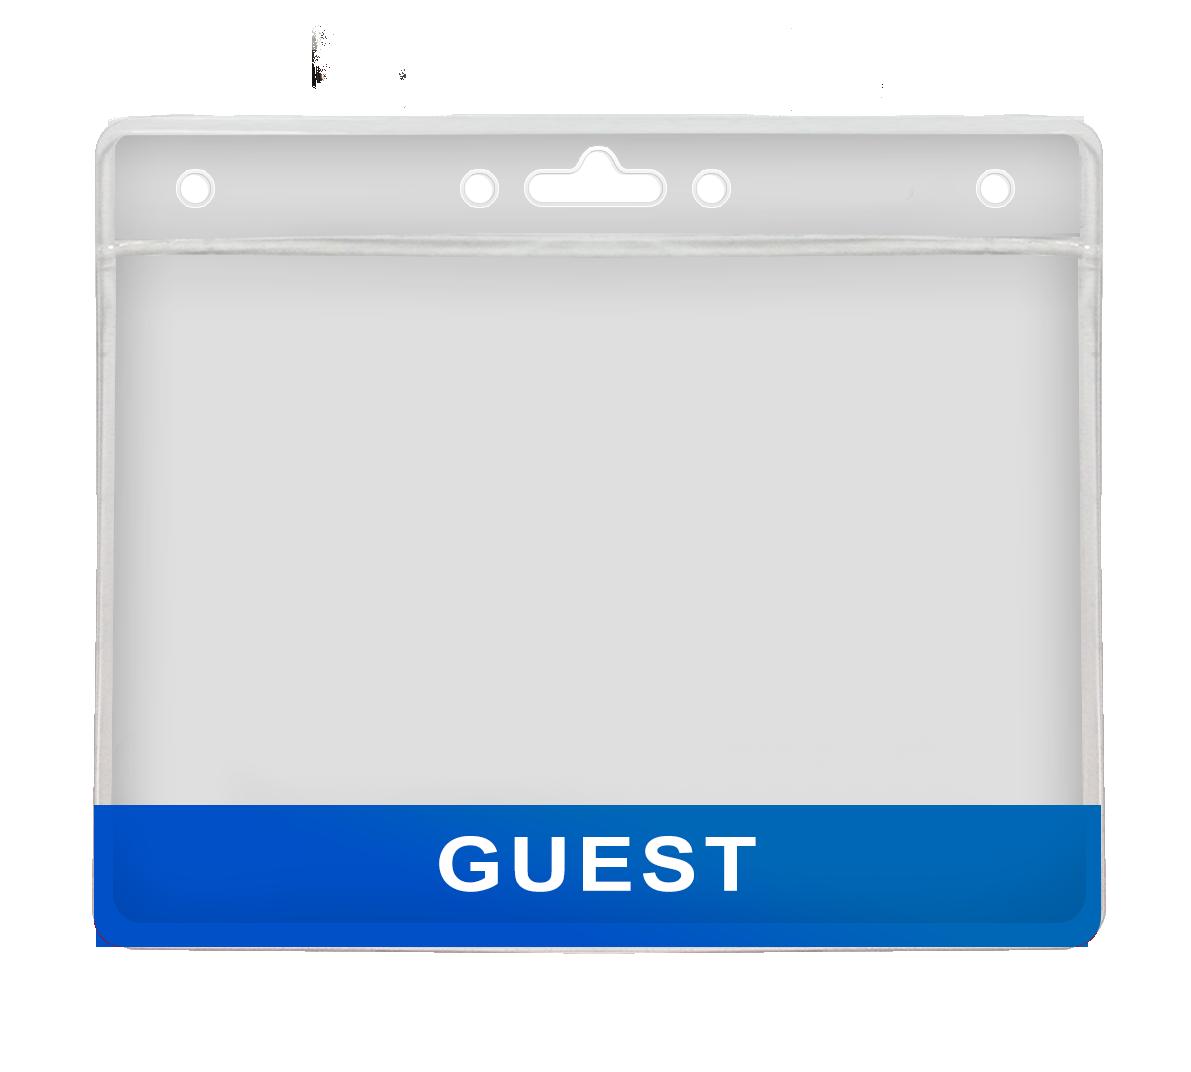 Guest - Blue